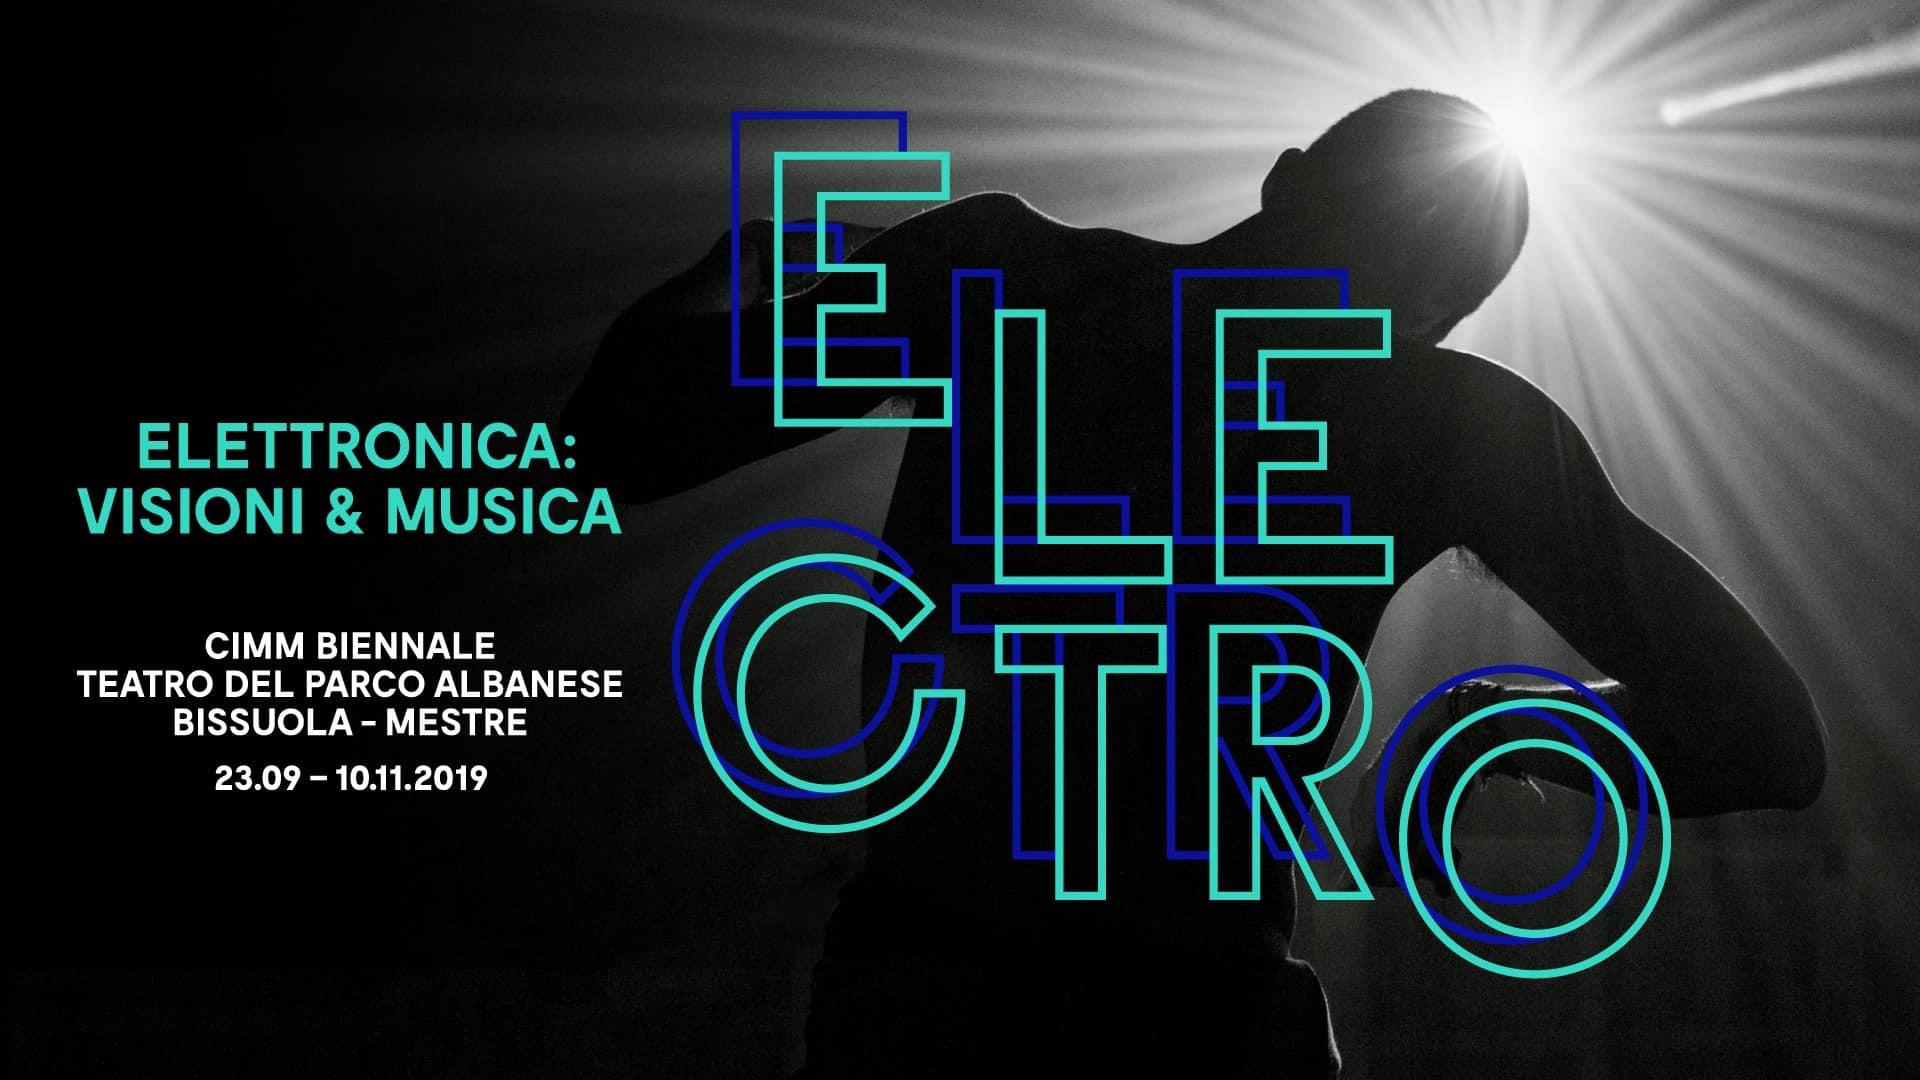 ELECTRO – Elettronica: visioni & musica. La Biennale arriva al Teatro del Parco Bissuola di Mestre con un'esposizione sulla cultura dancefloor